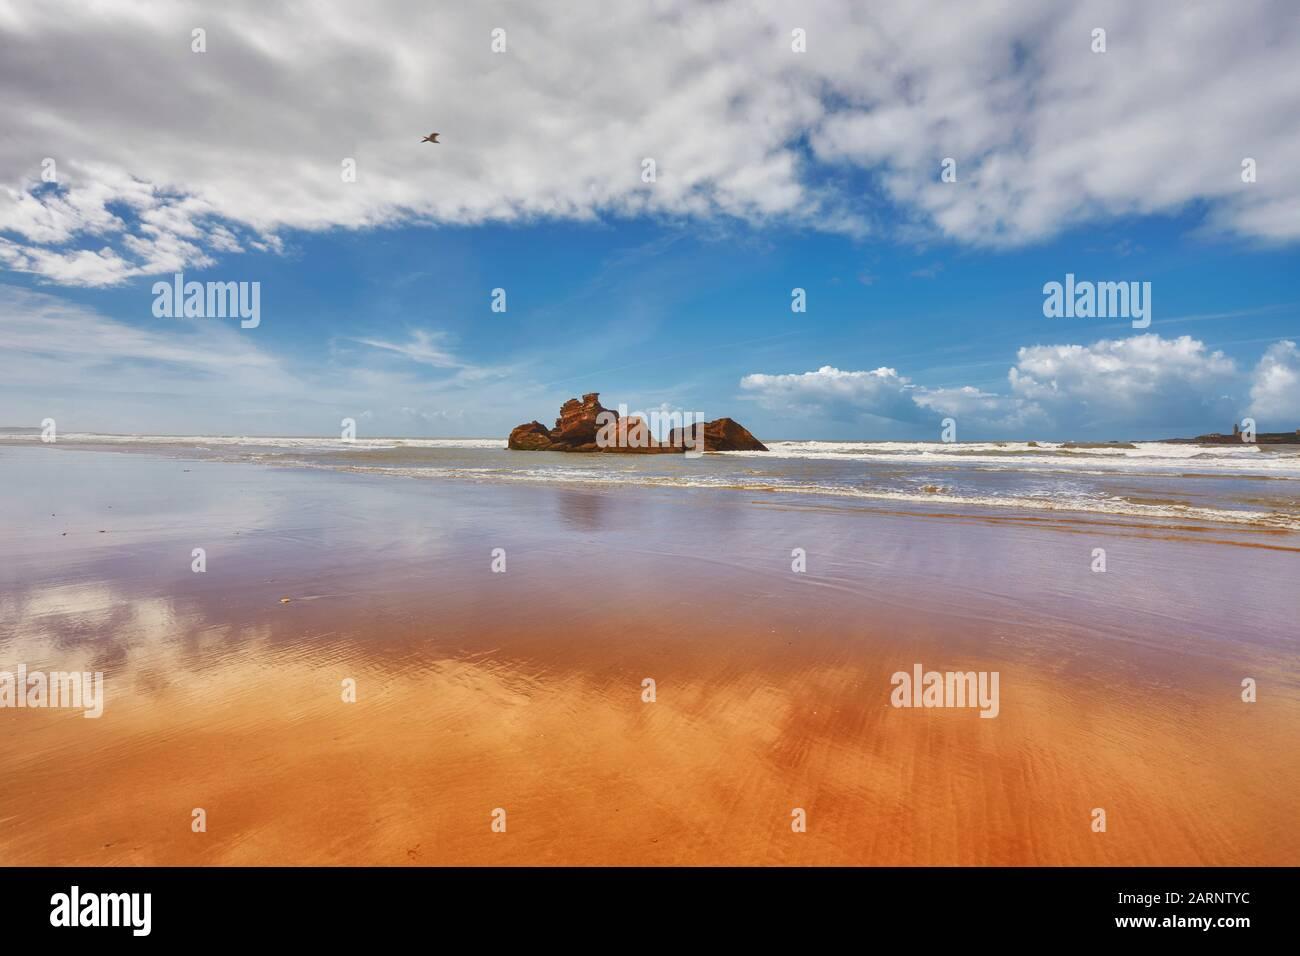 La costa del Océano Atlántico, la arena dorada, el cielo azul, las pequeñas rocas se reflejan en la ola costera. Playa Cerca De Esoueira, Marruecos Foto de stock